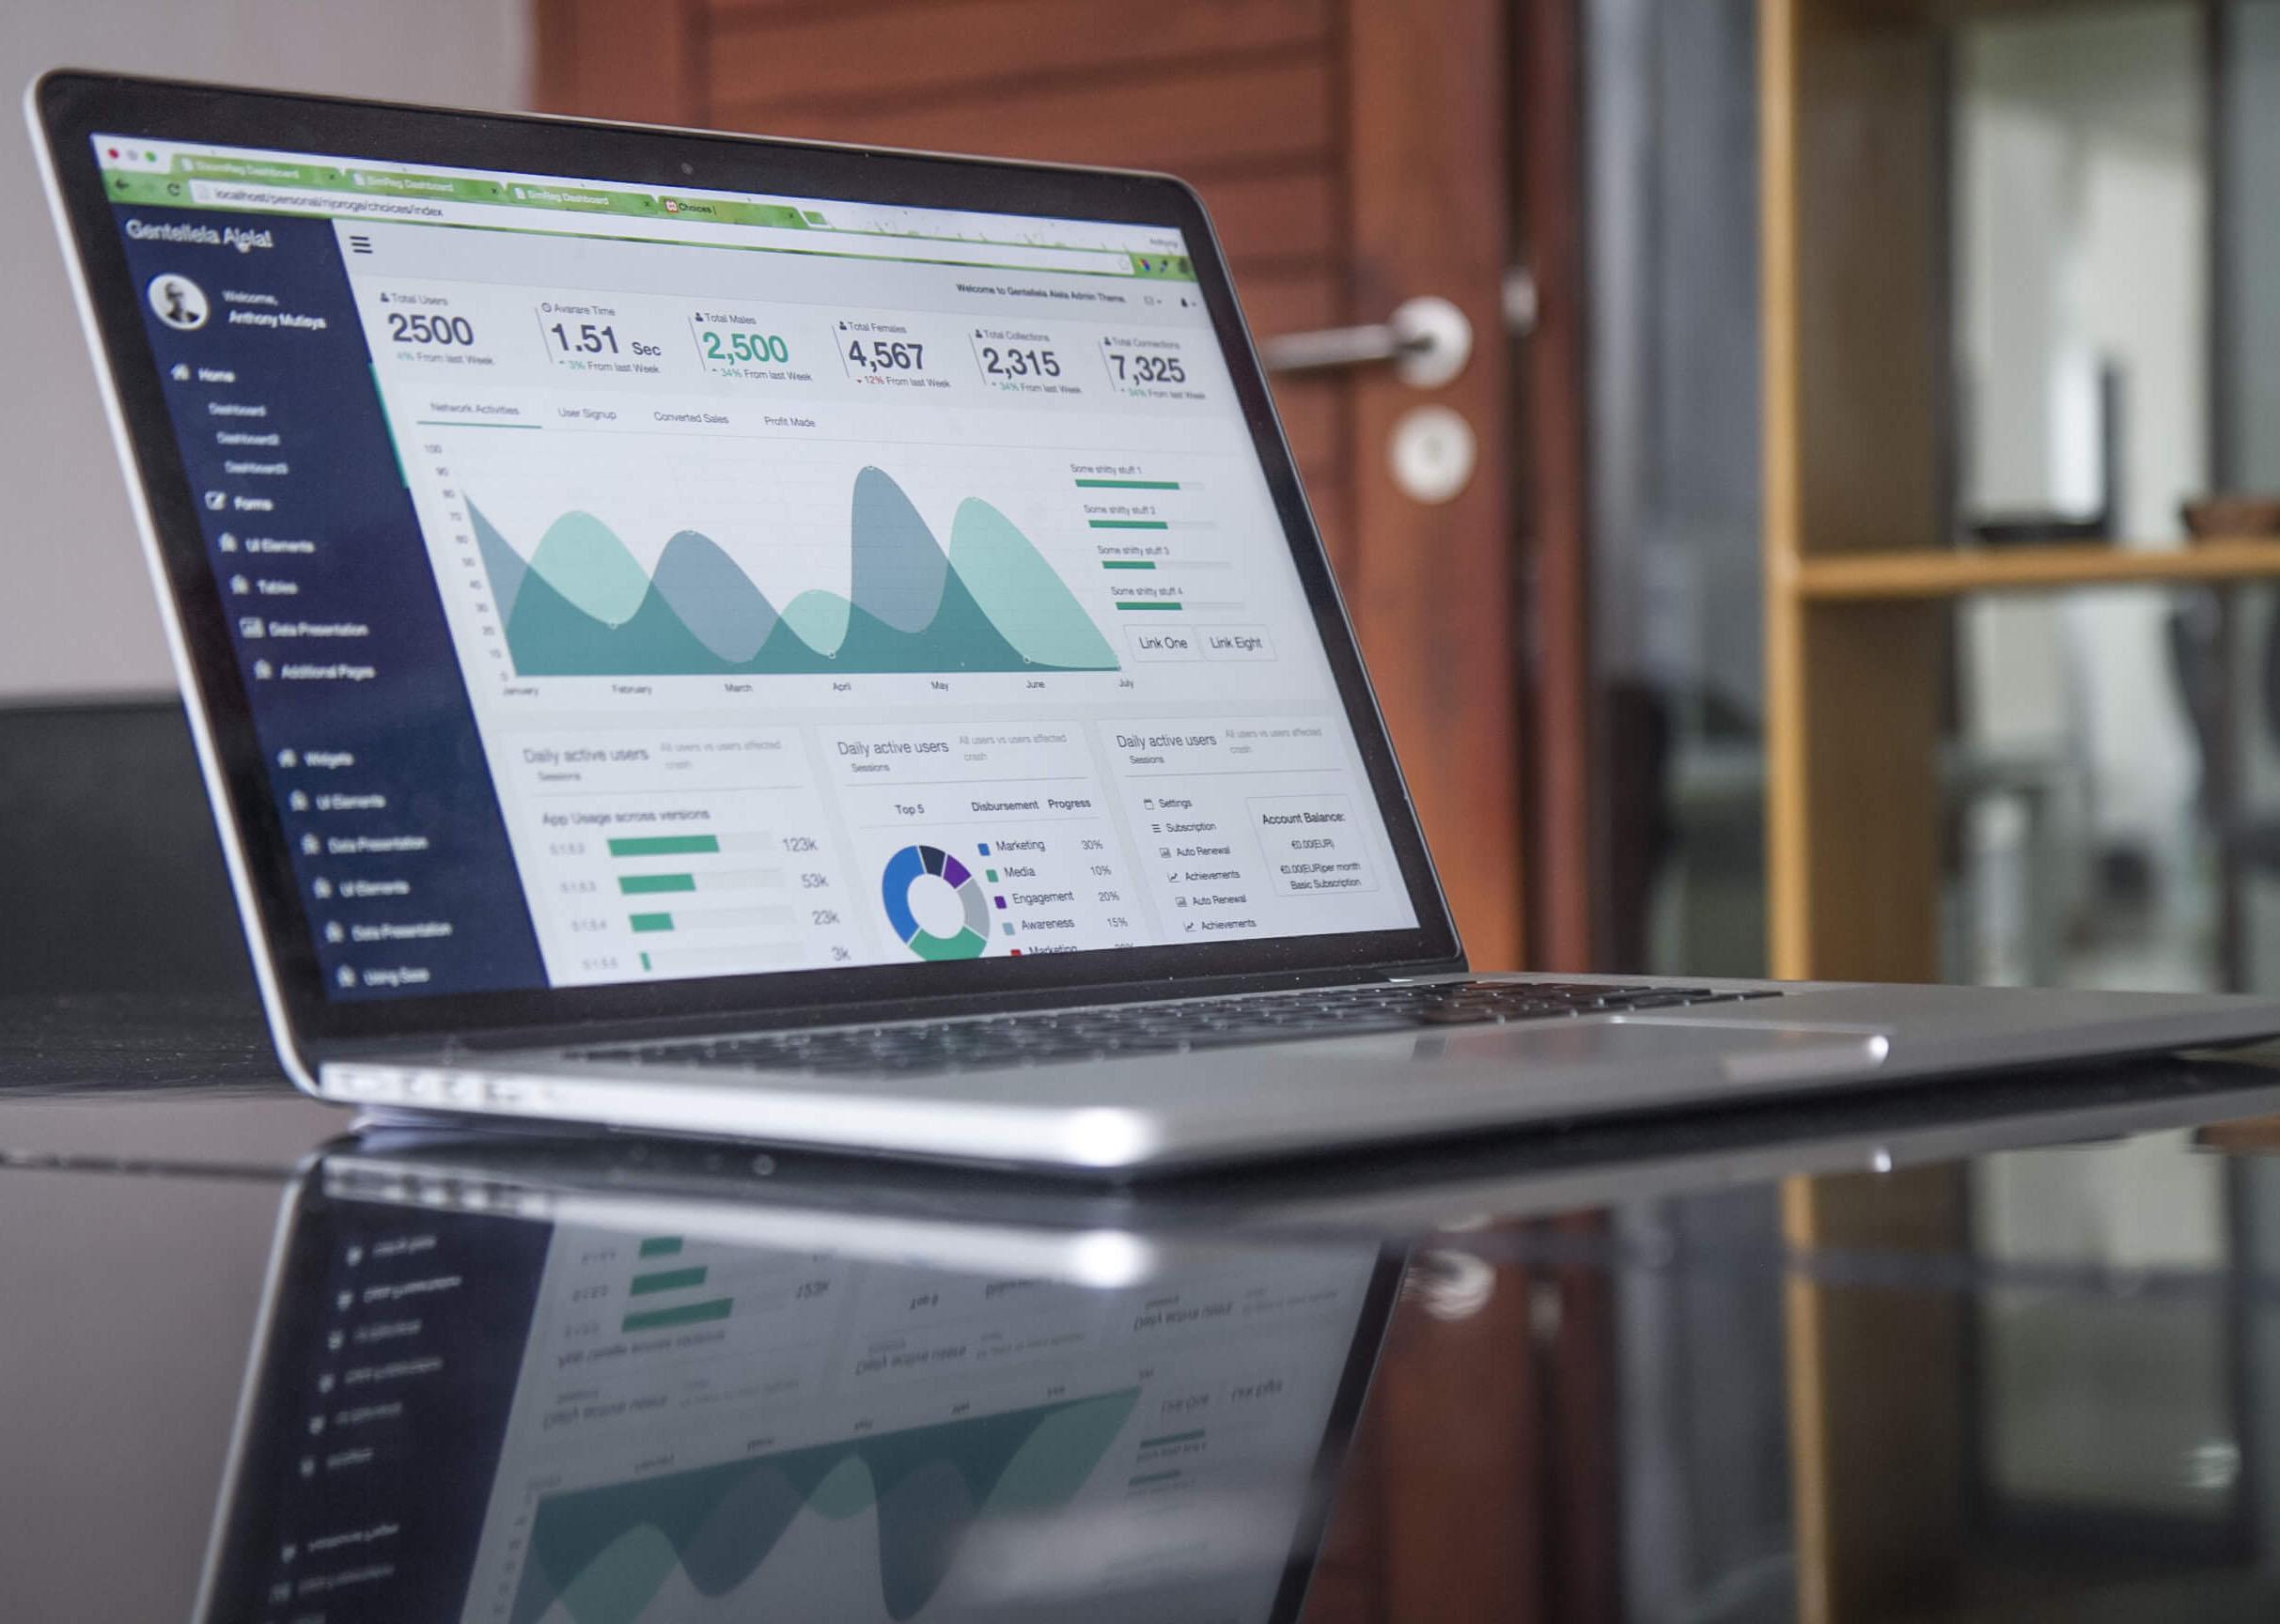 seo and analytics